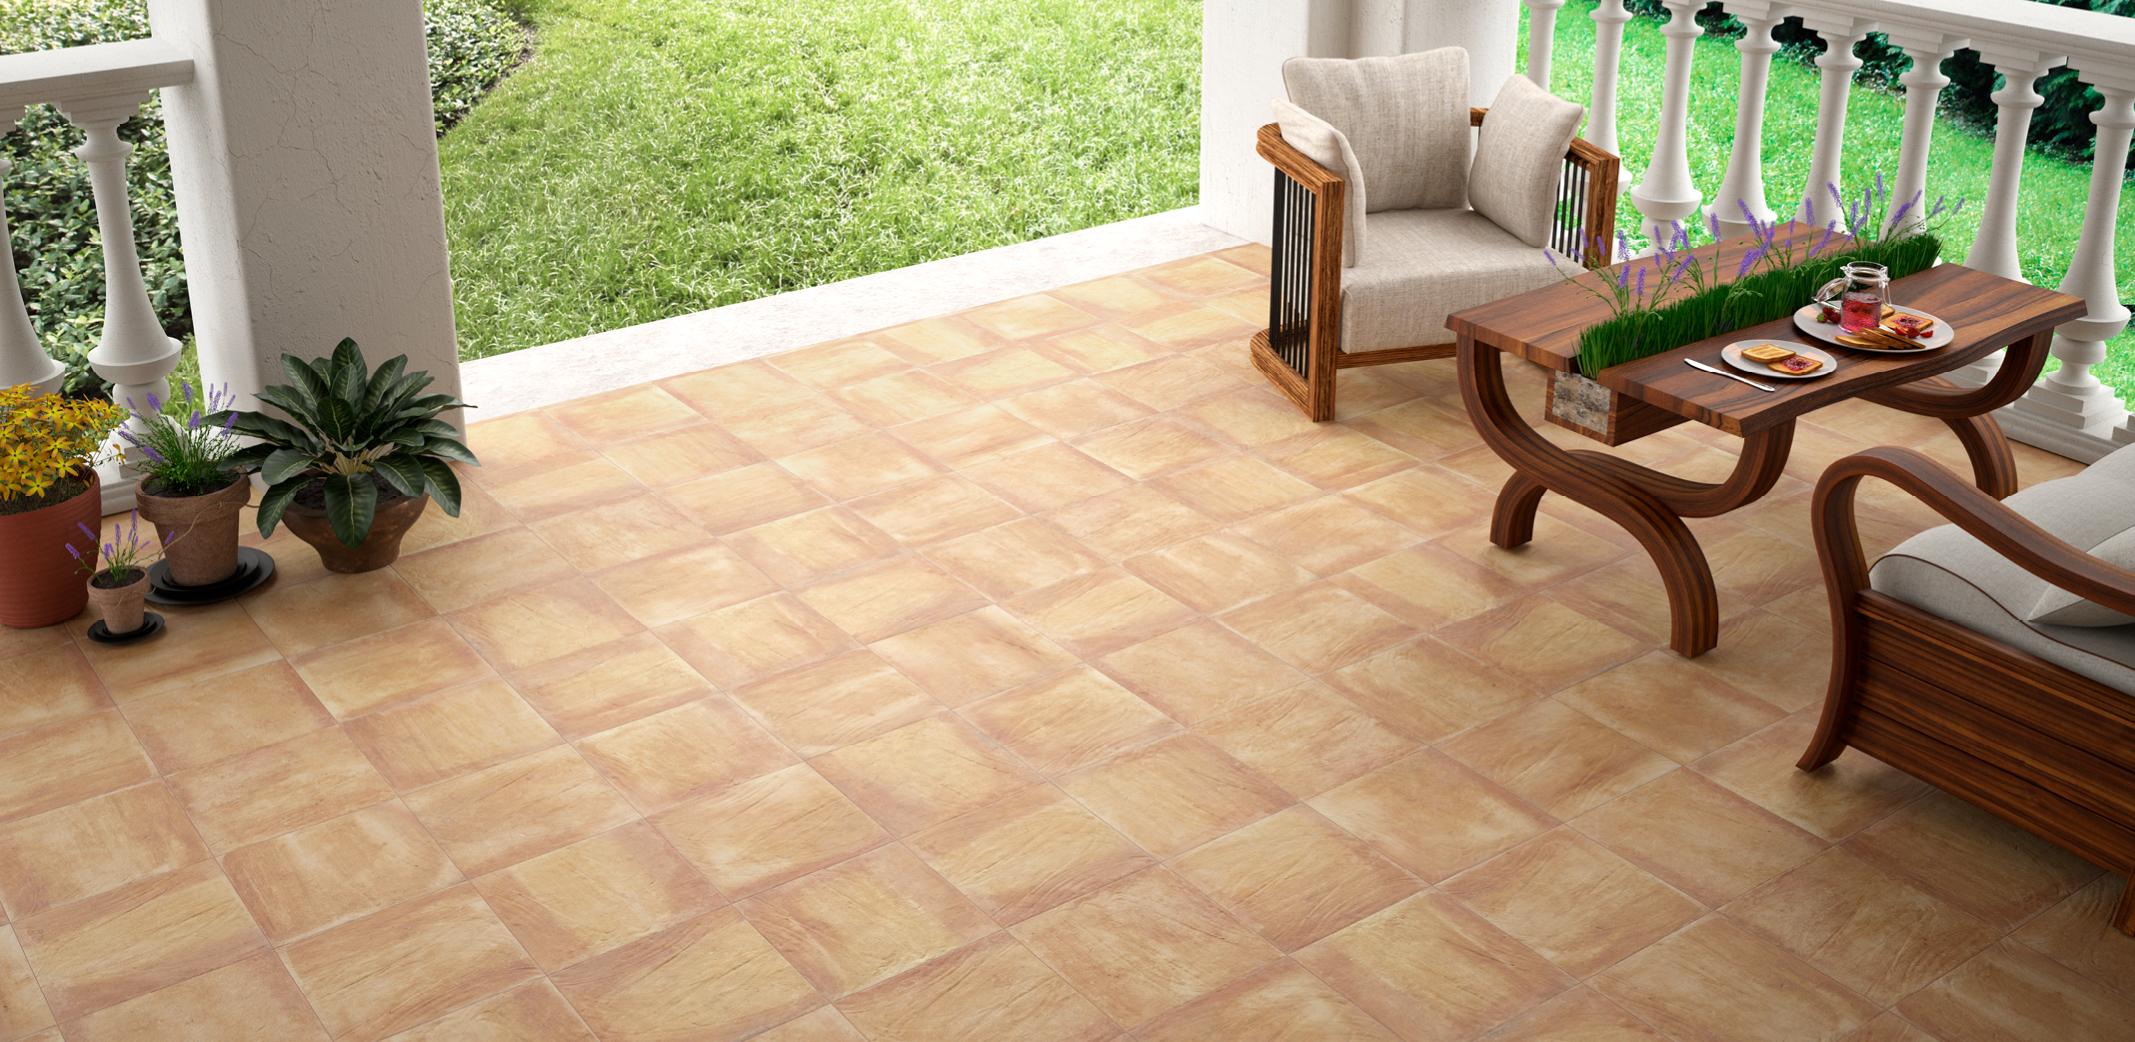 Pensando en c mo decorar la terraza empieza por la for Ceramicas para pisos exteriores precios